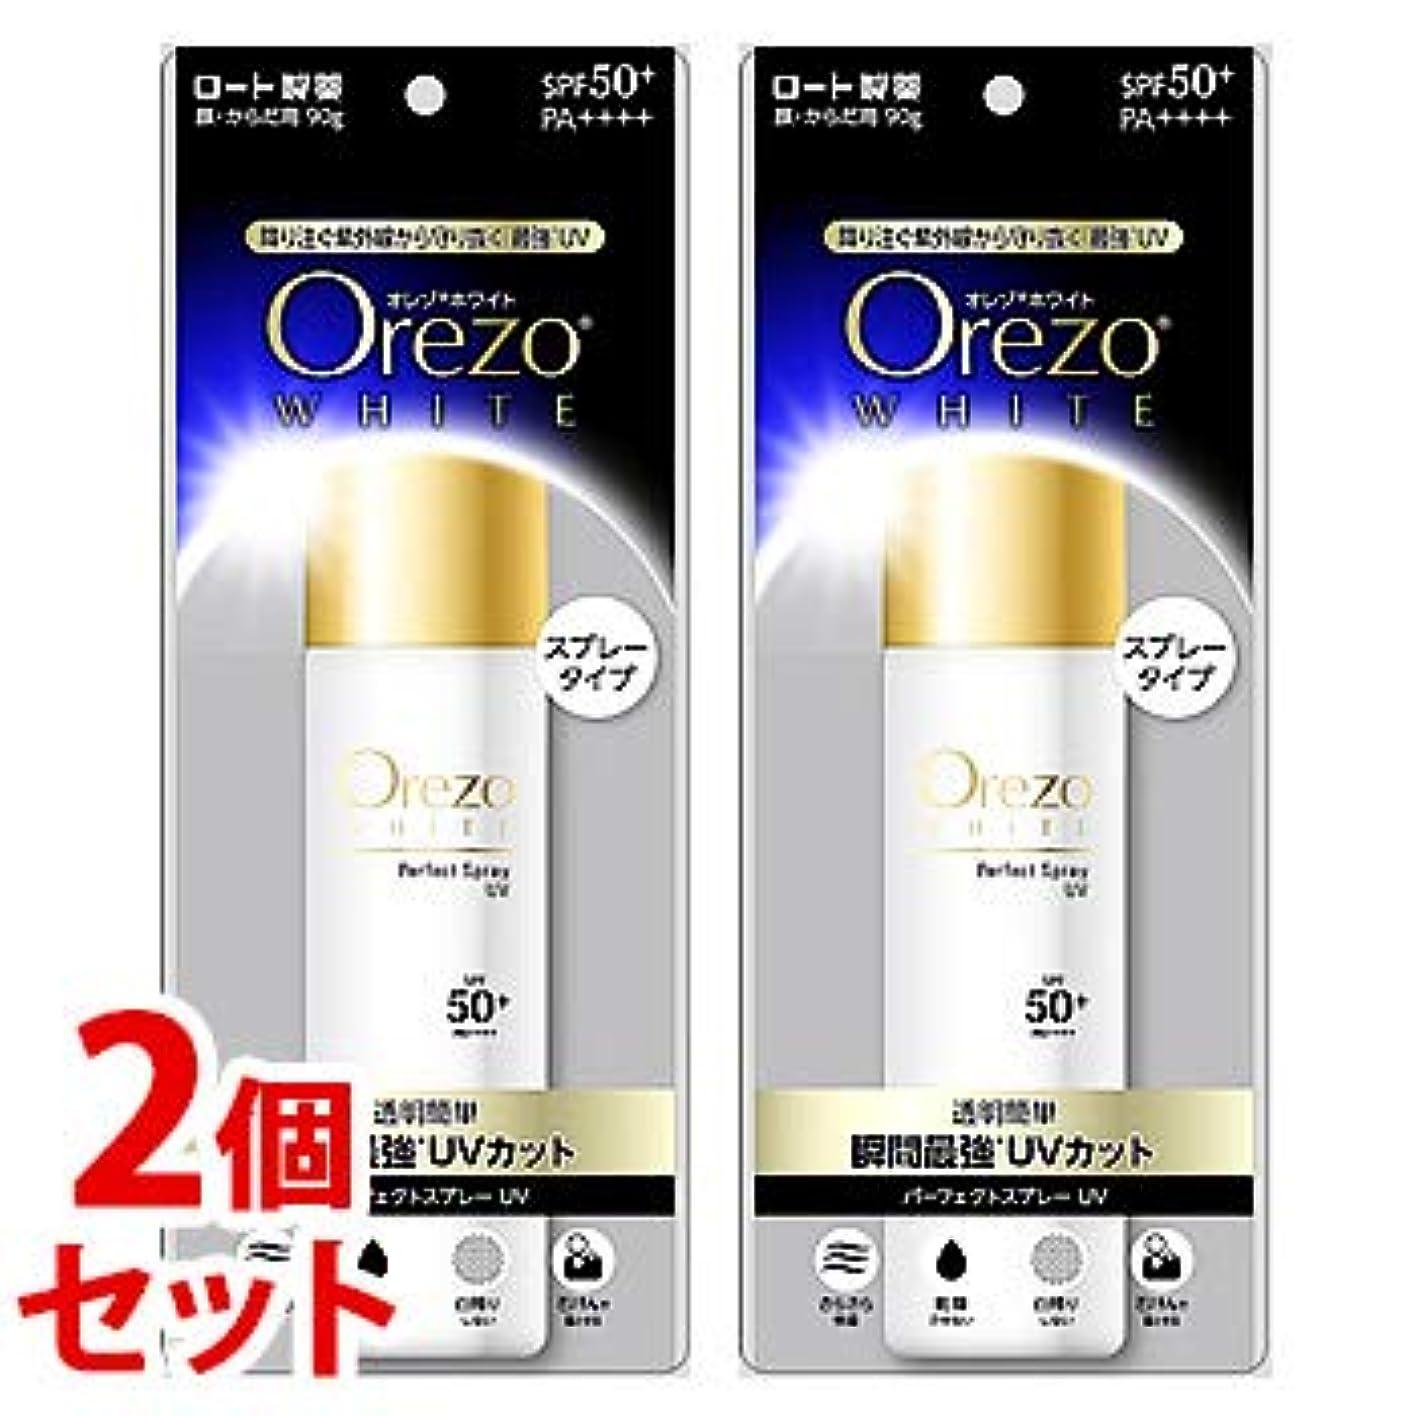 避難する侮辱大胆な《セット販売》 ロート製薬 Orezo オレゾ ホワイト パーフェクトスプレーUV SPF50+ PA++++ (90g)×2個セット 顔?からだ用 日やけ止め スプレータイプ